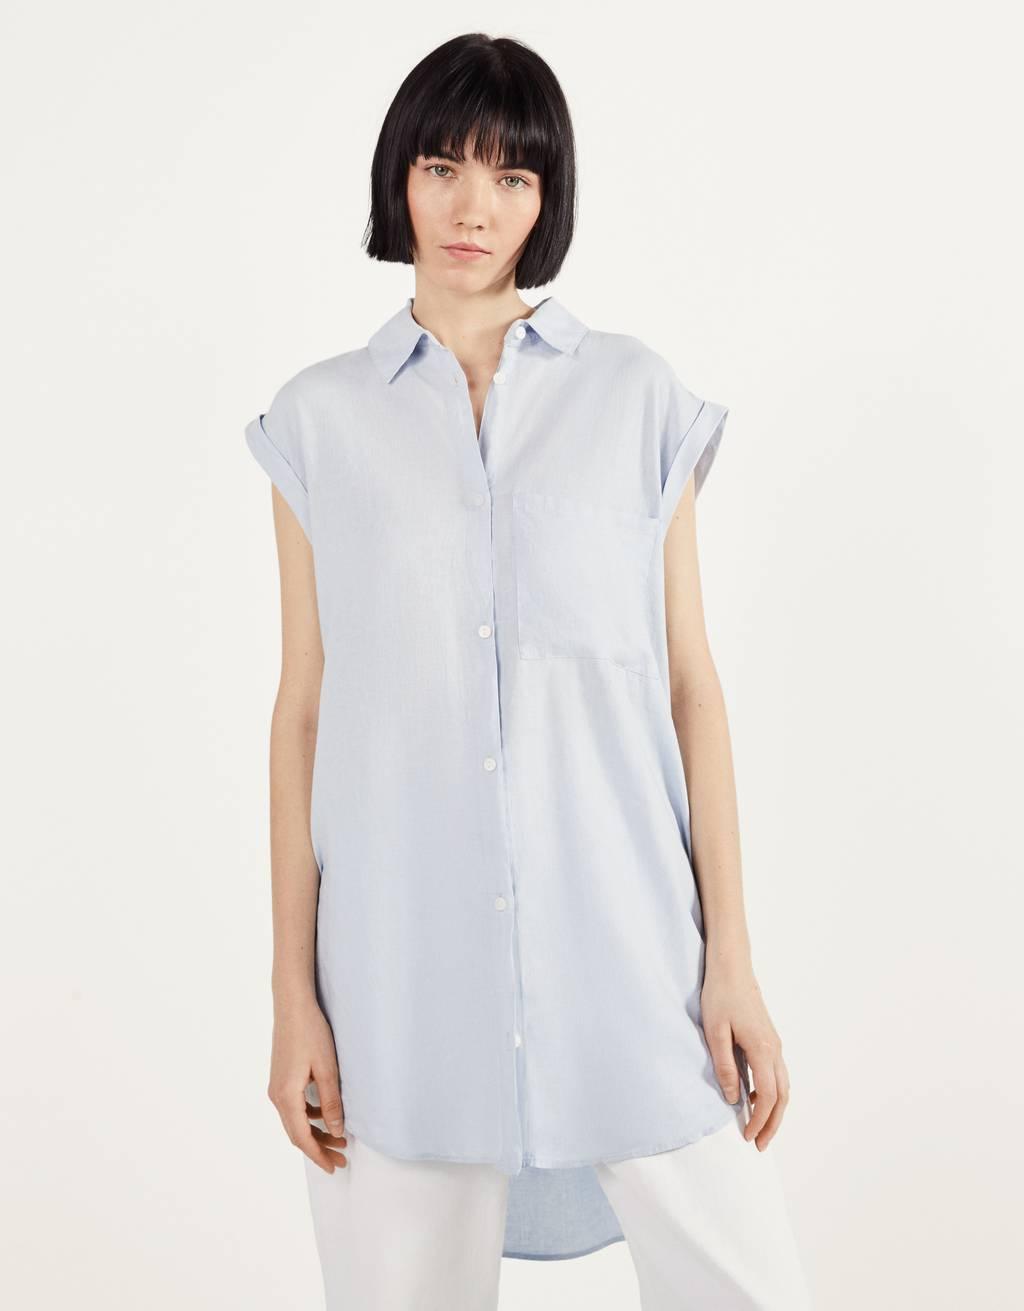 フロントノット付きシャツ